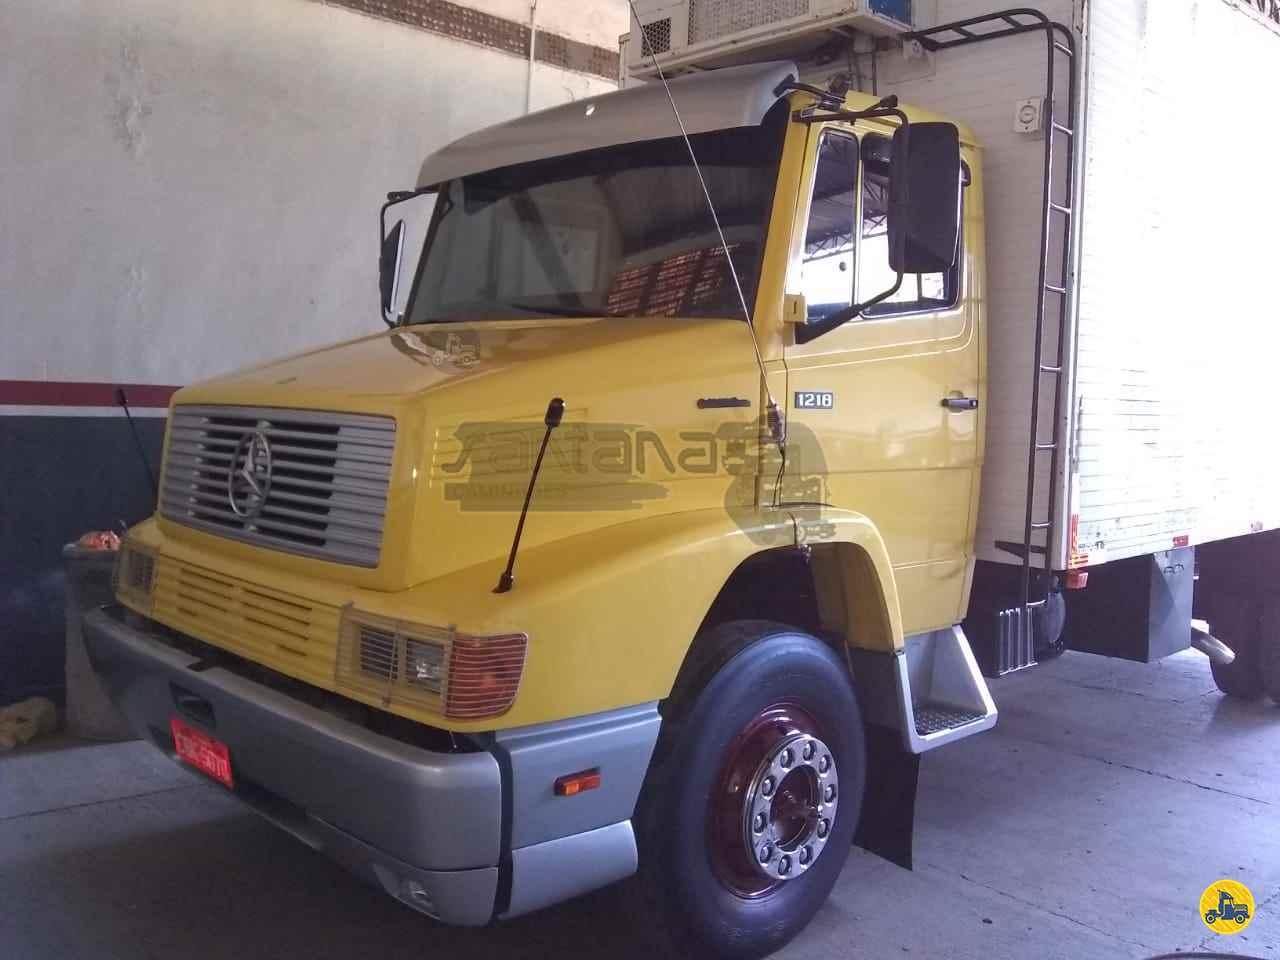 CAMINHAO MERCEDES-BENZ MB 1218 Baú Frigorífico Toco 4x2 Santana Caminhões DOURADOS MATO GROSSO DO SUL MS